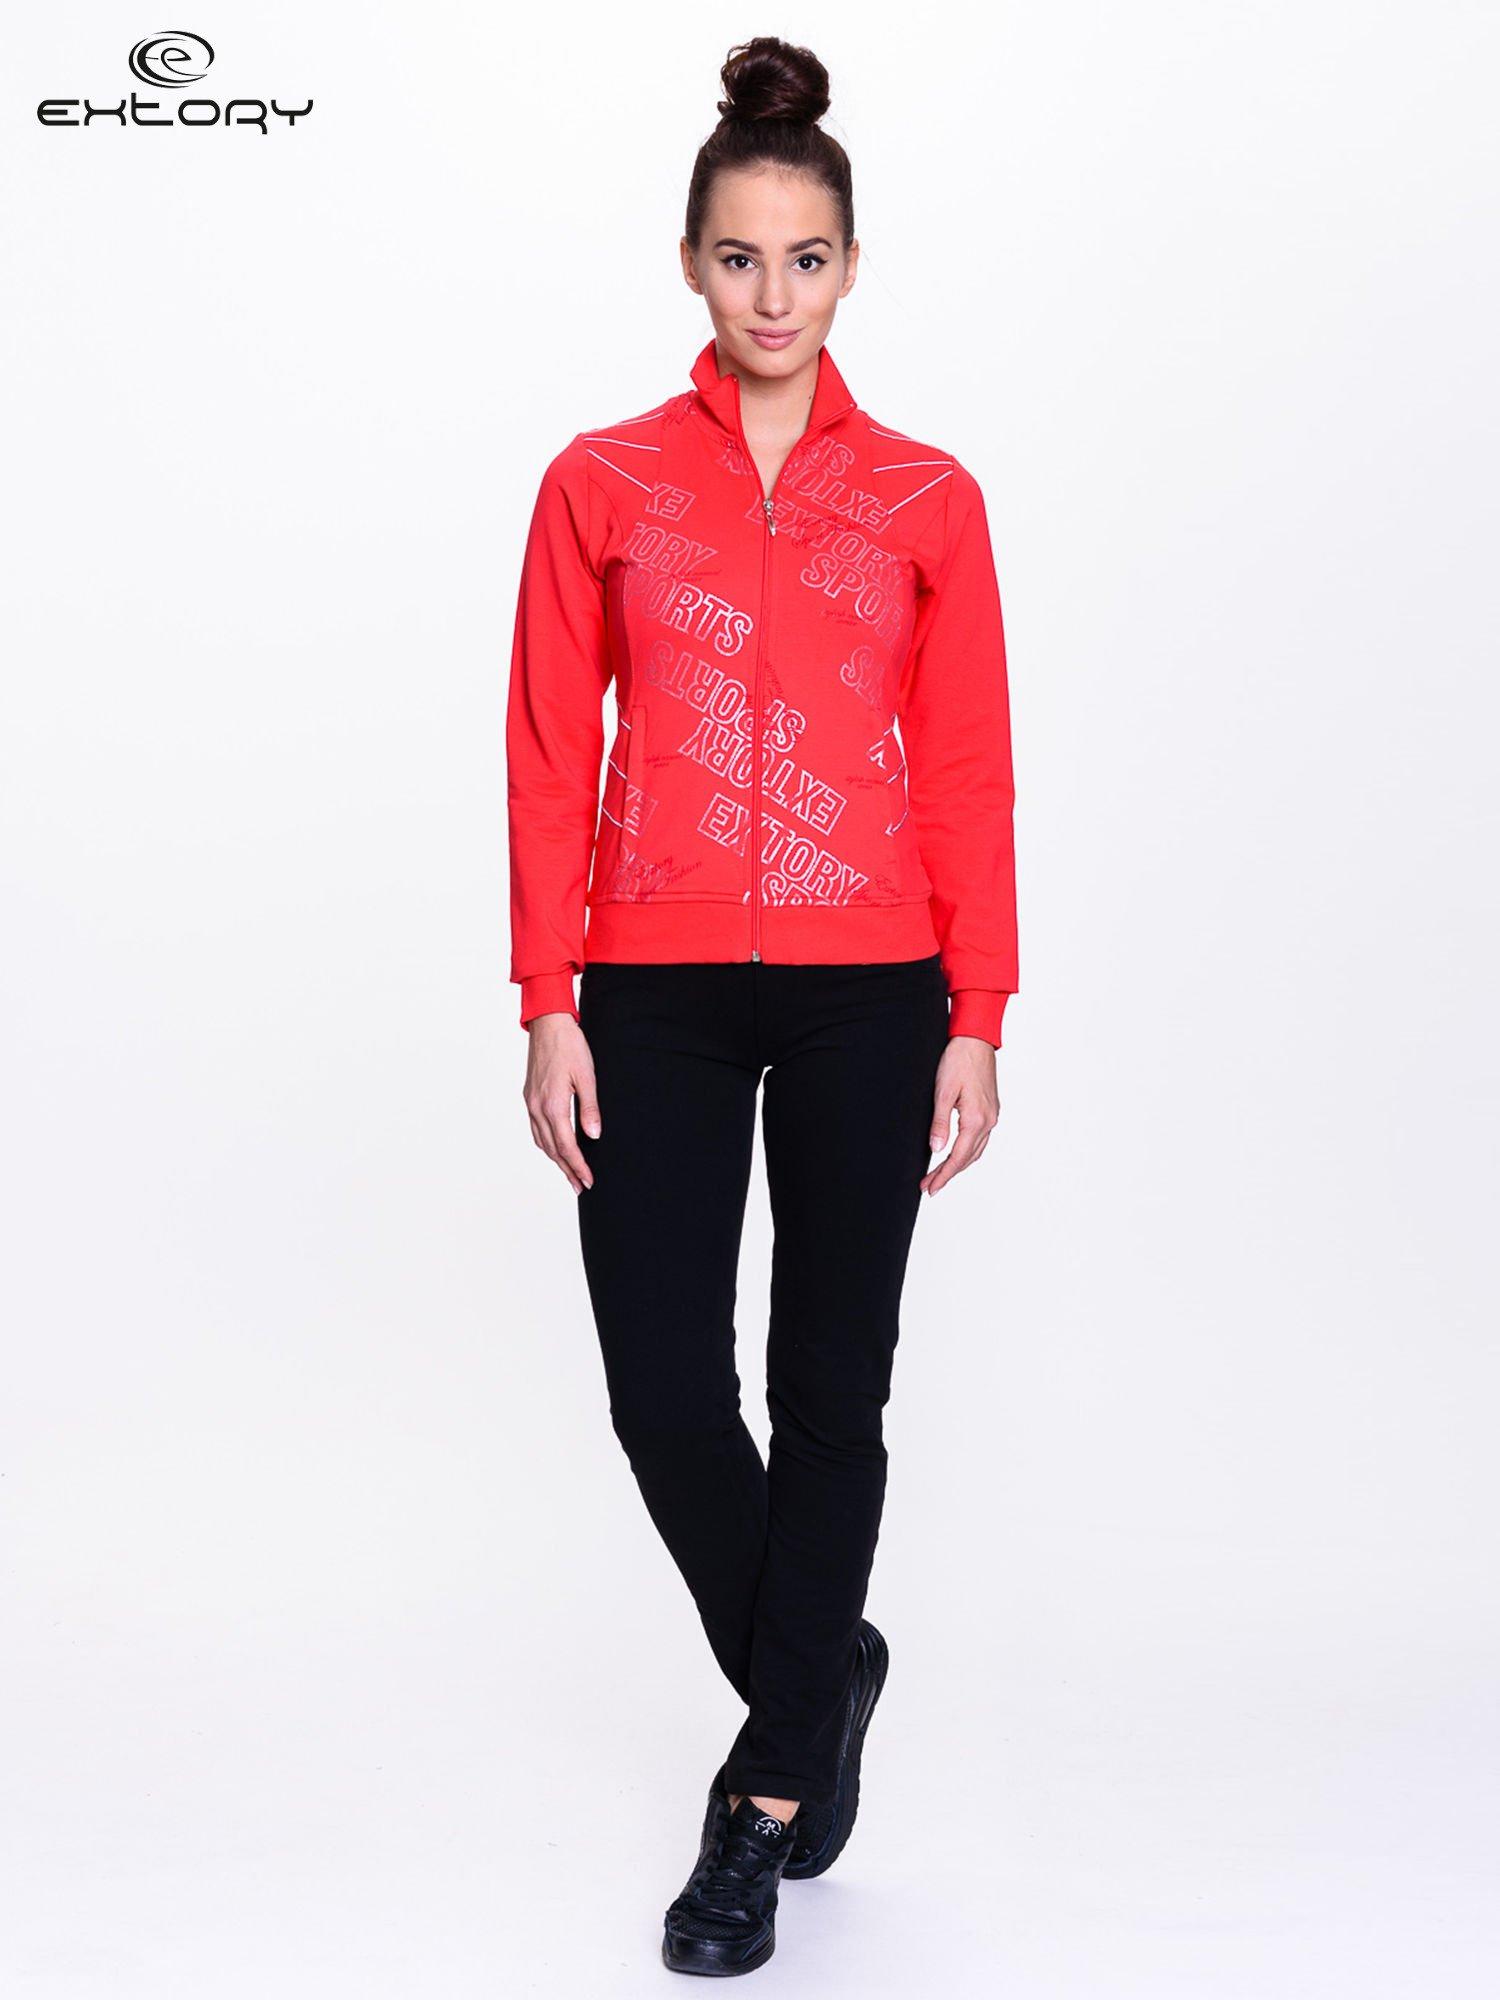 Czerwona bluza sportowa z logo EXTORY                                  zdj.                                  2